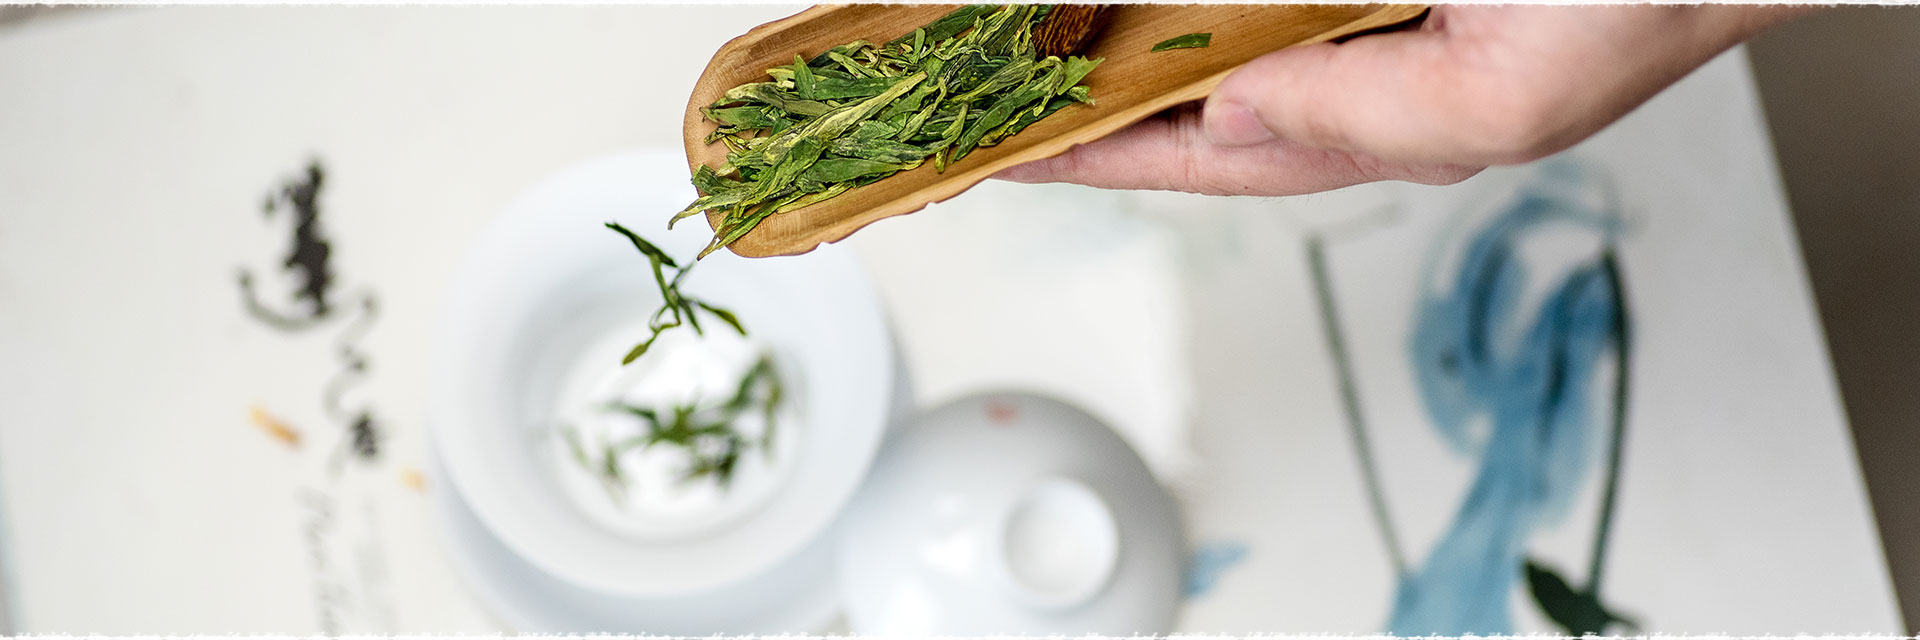 Les vertus et bienfaits du thé vert, du thé blanc et du Oolong.